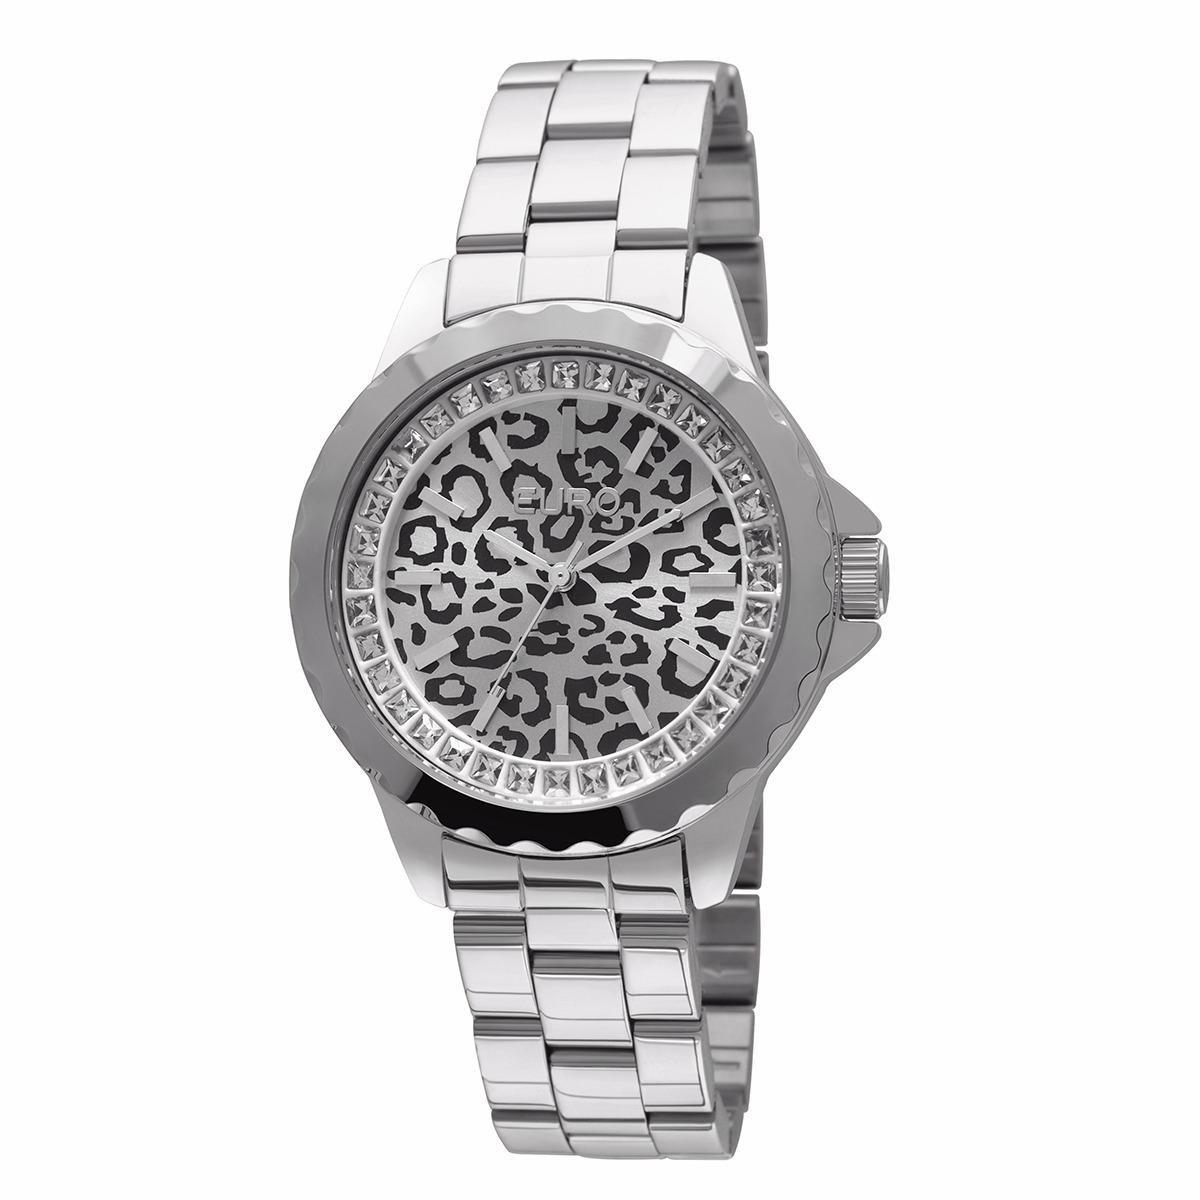 fcf90e20e16 relógio feminino euro analógico fashion - oncinha - eu2035yb. Carregando  zoom.